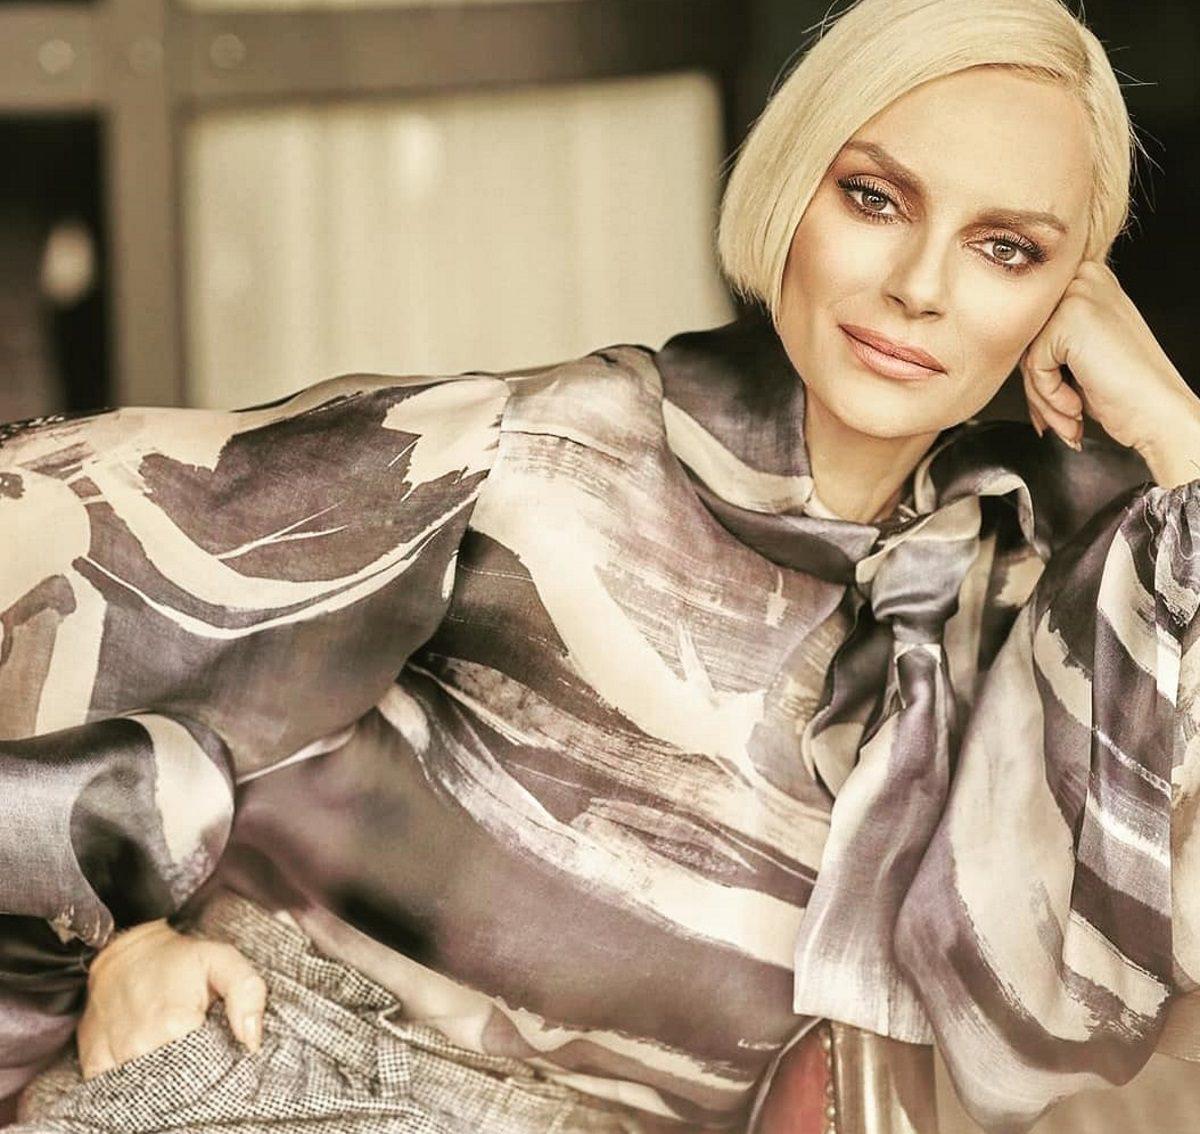 Έλενα Χριστοπούλου: «Κάποια στιγμή αποφάσισα ότι ή θα αλλάξω τη ζωή μου ή θα αρρωστήσω»   tlife.gr